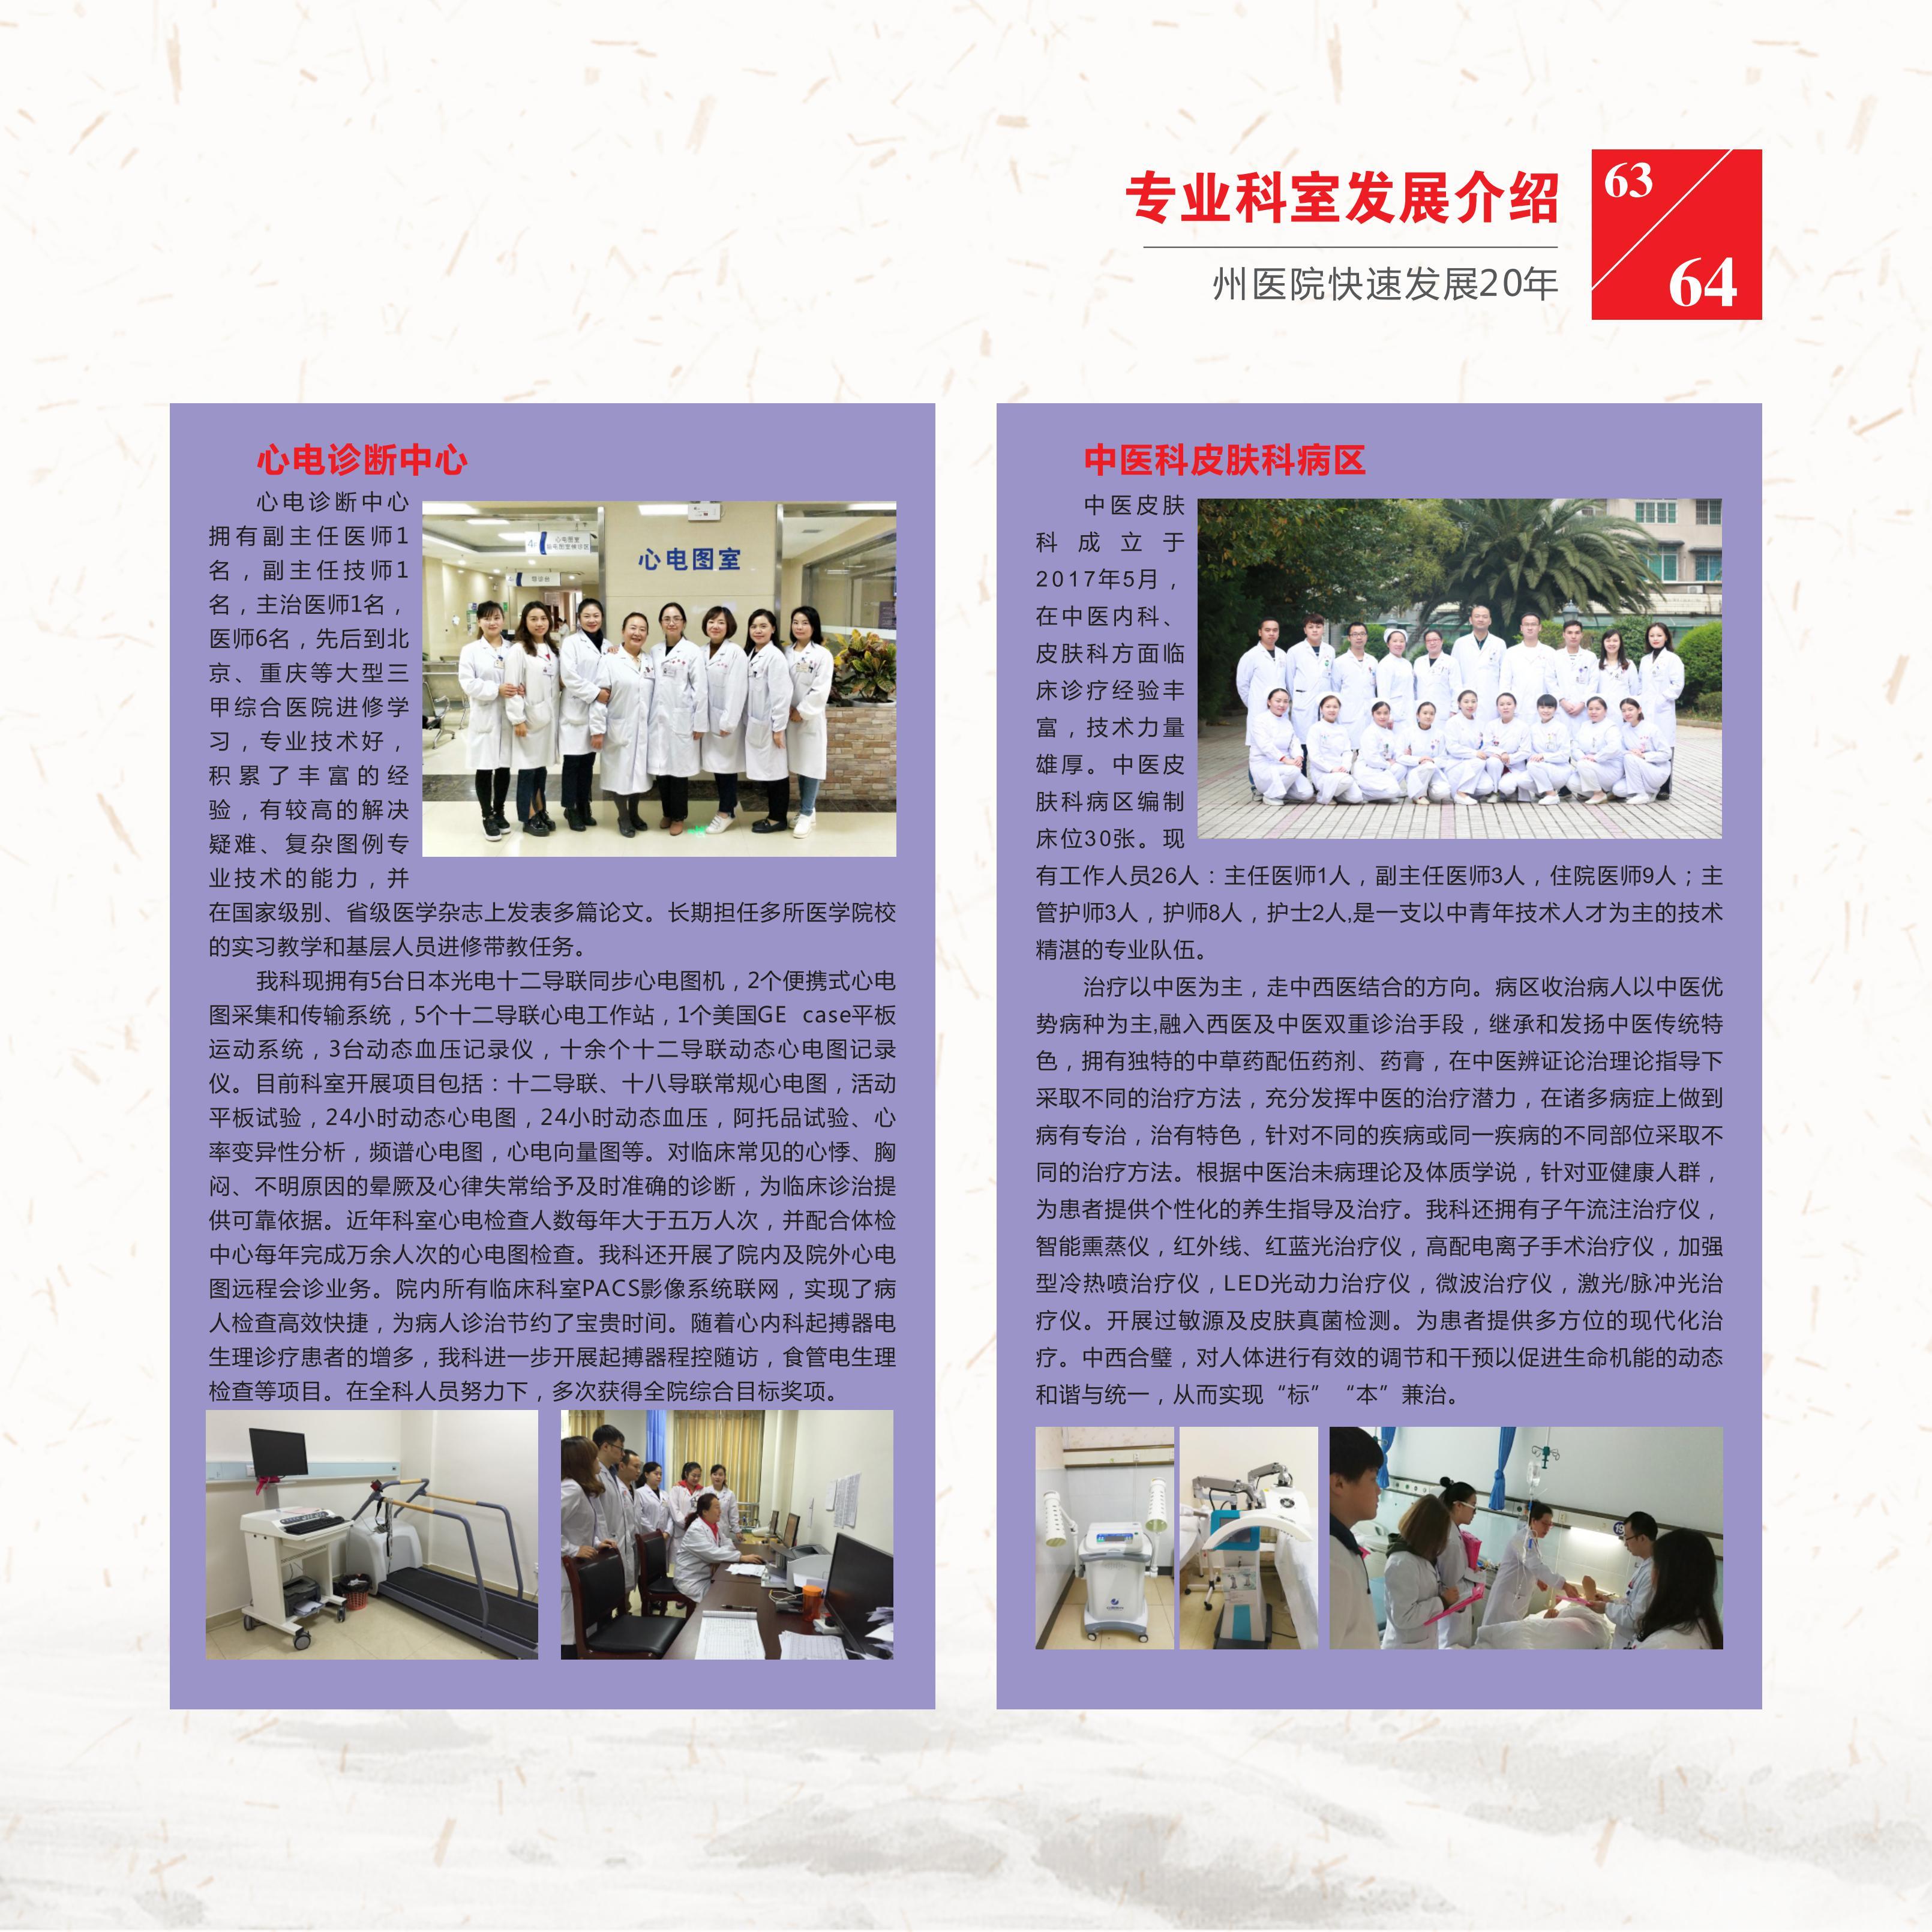 黔东南州人民医院-画册-51-100(1)_18.jpg